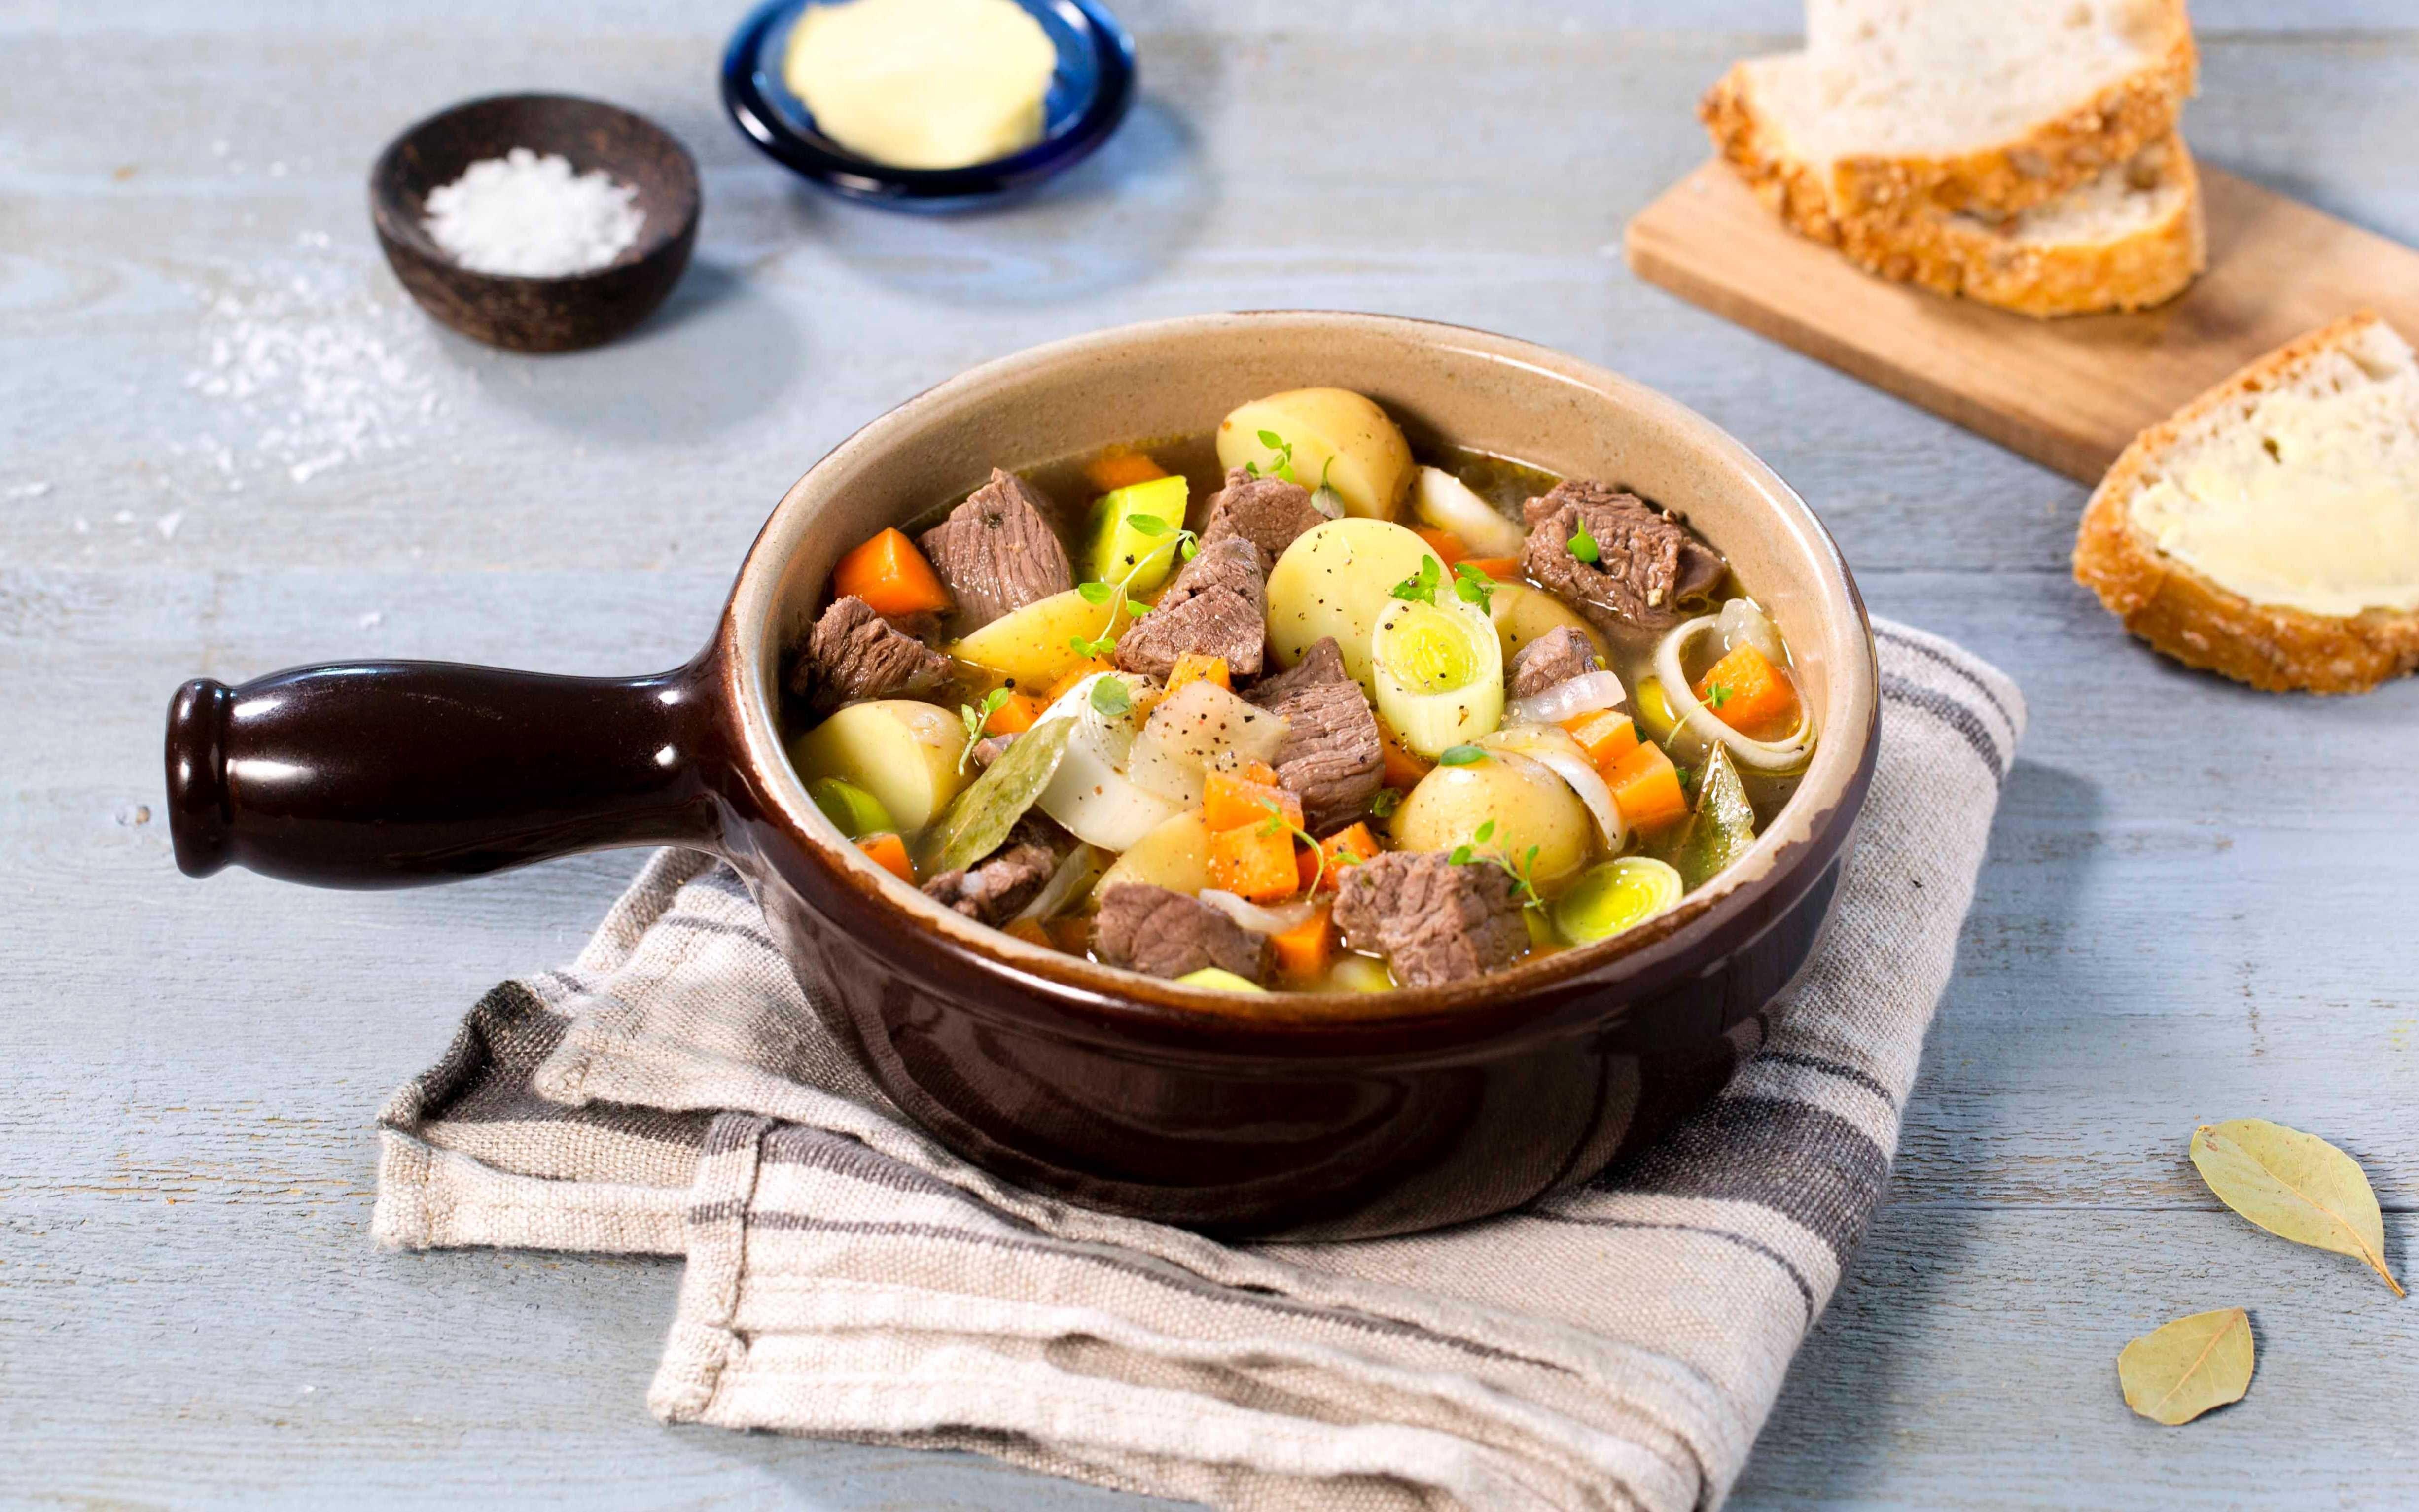 Den samiske nasjonalretten bidos, er en deilig gryte laget med reinsdyrkjøtt og grønnsaker. Bidos serveres både til hverdags og fest, og smaker appellerer til store og små med sin milde smak.